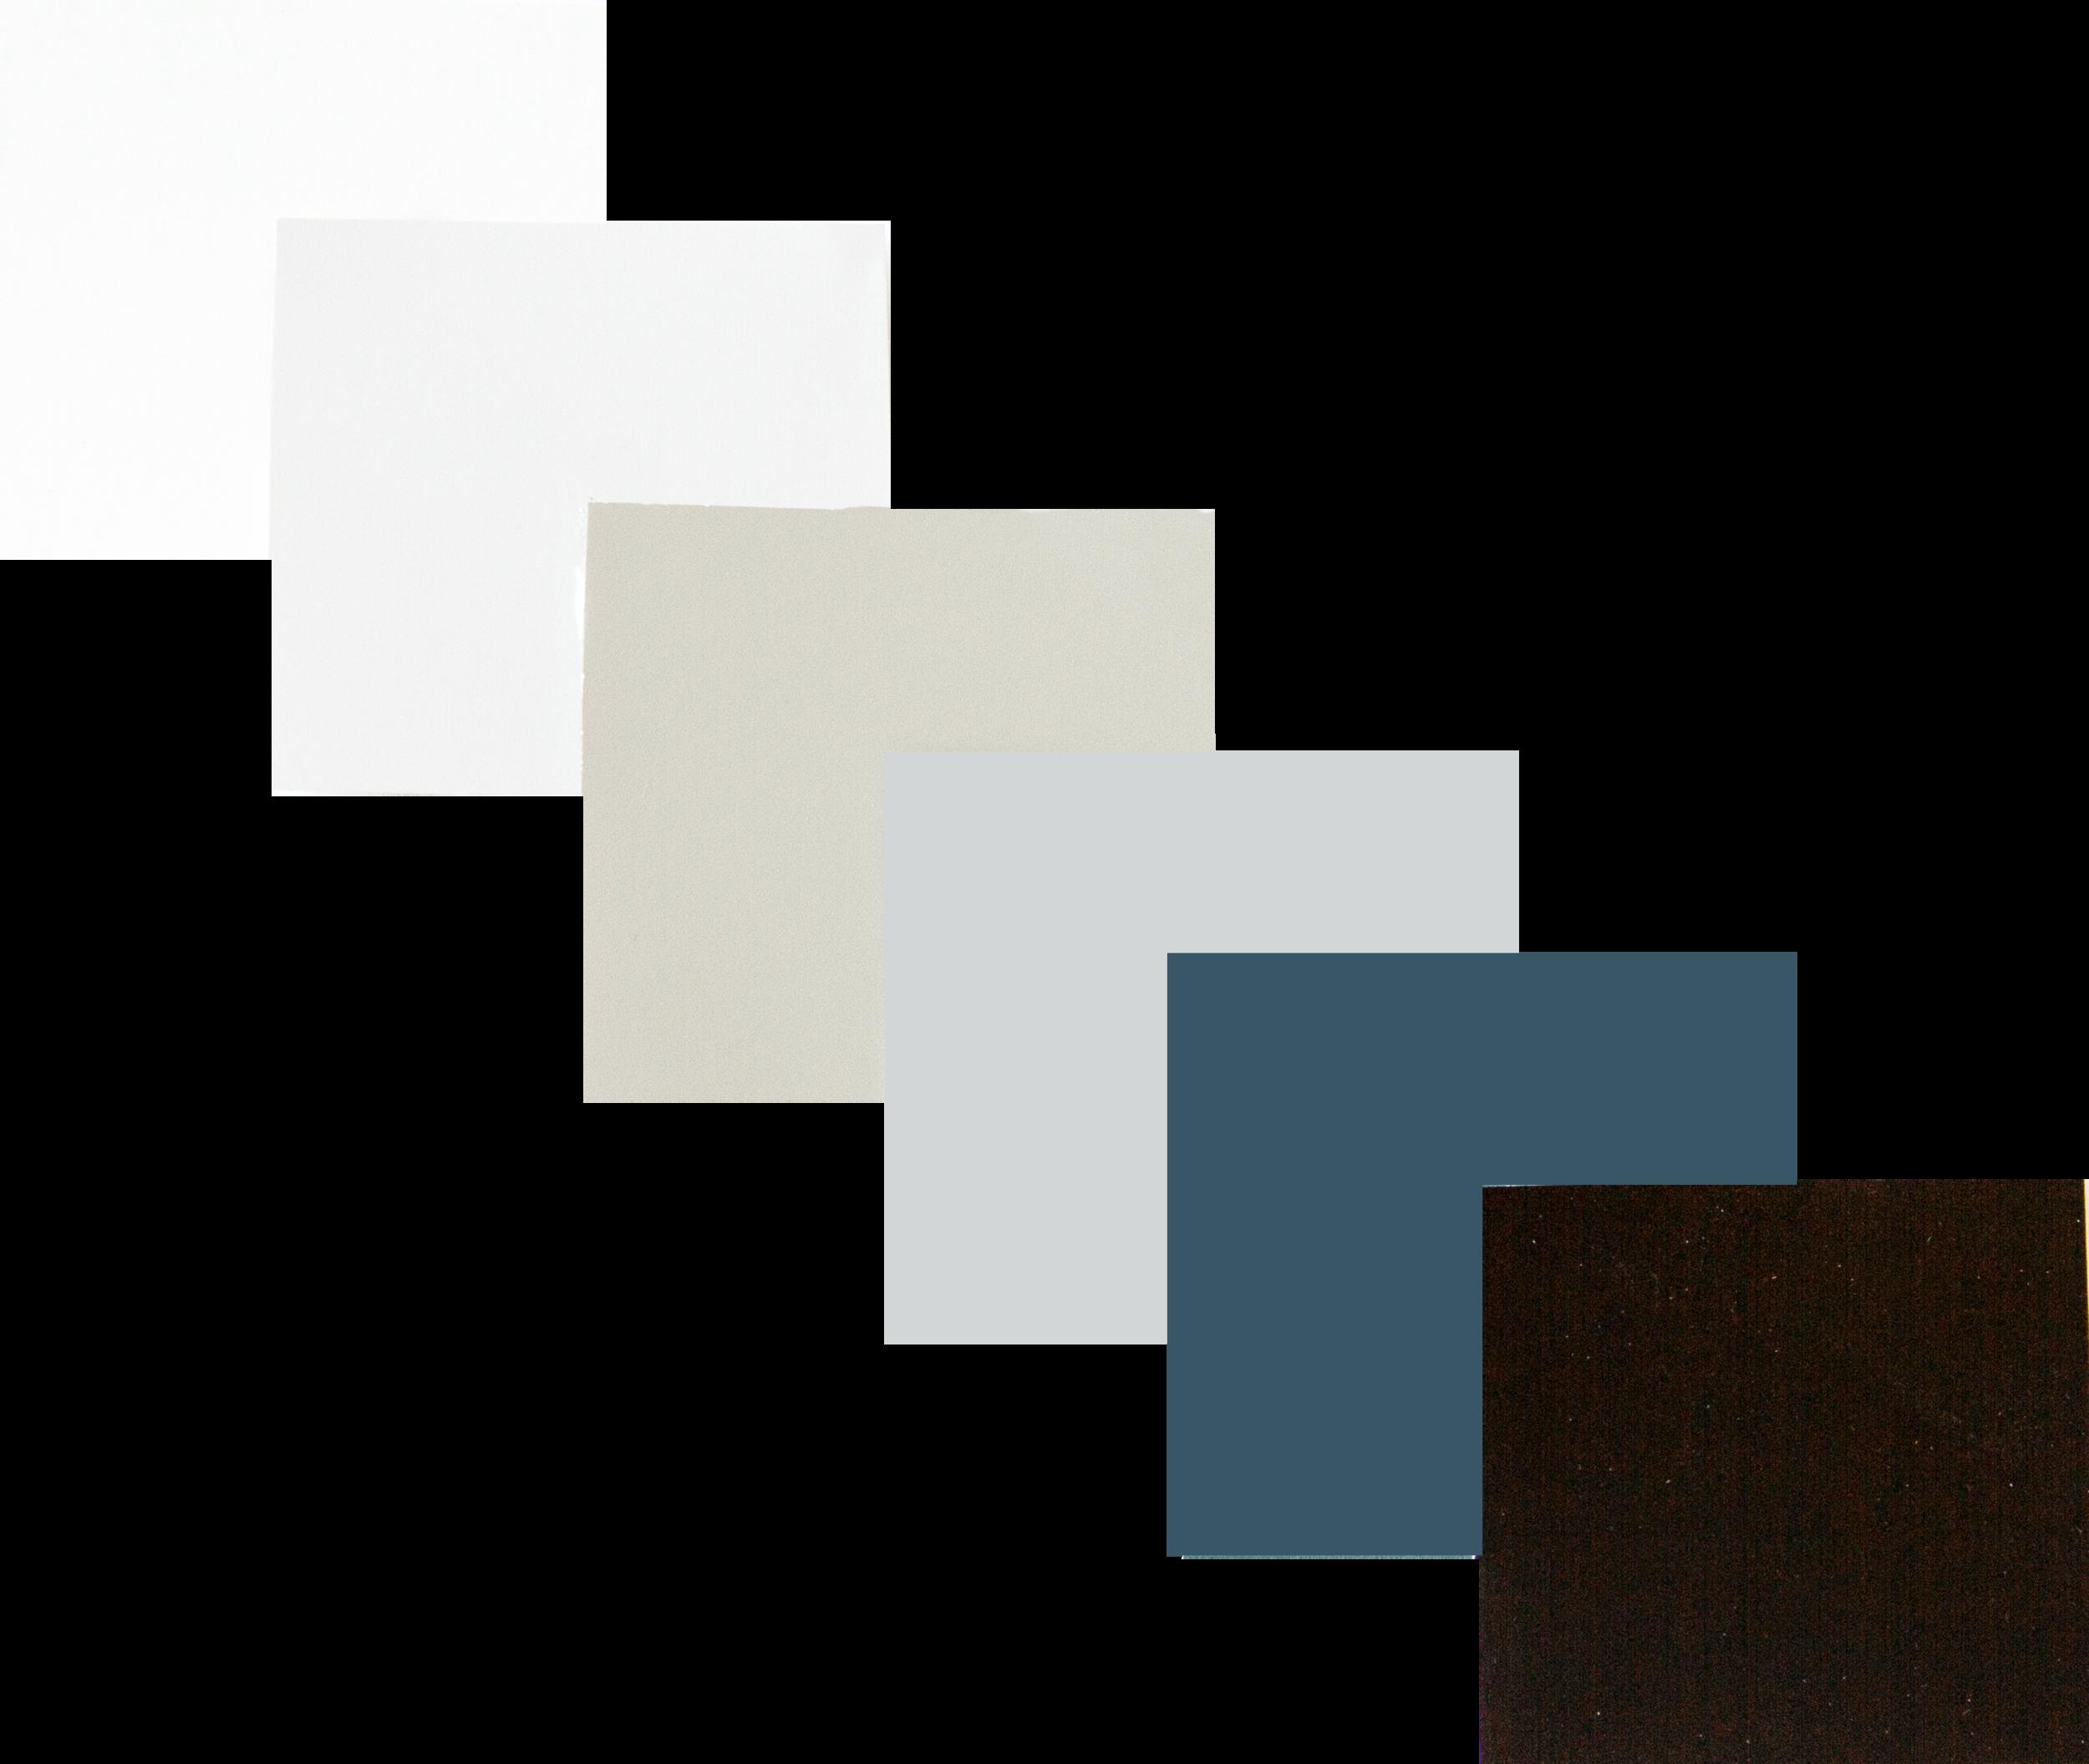 Elliot-paint-revised.png